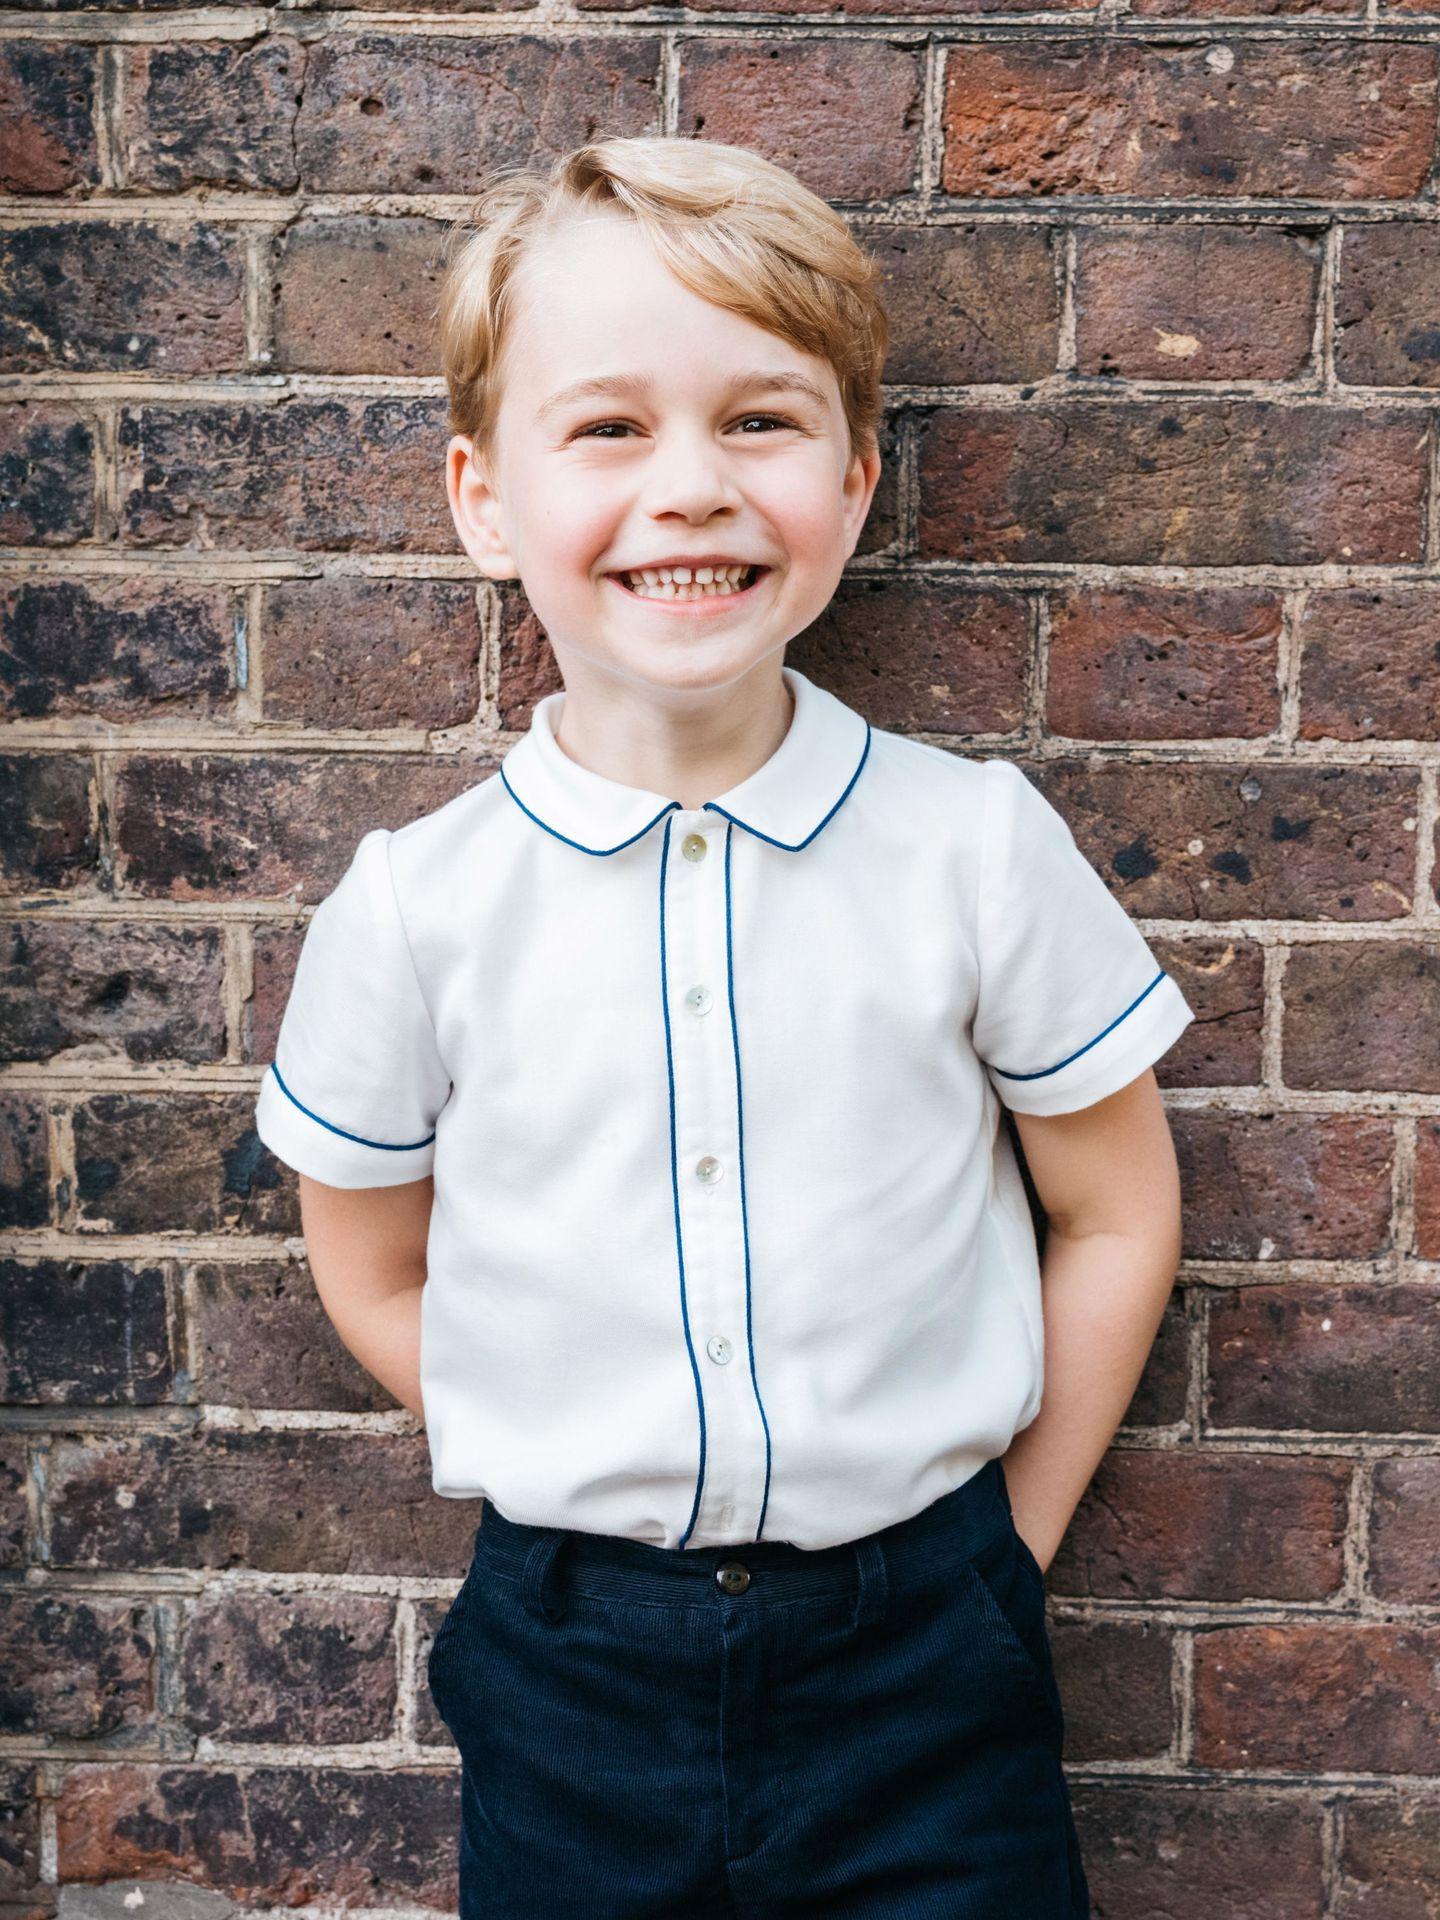 Foto oficial del príncipe George por su 5º cumpleaños. (EFE)